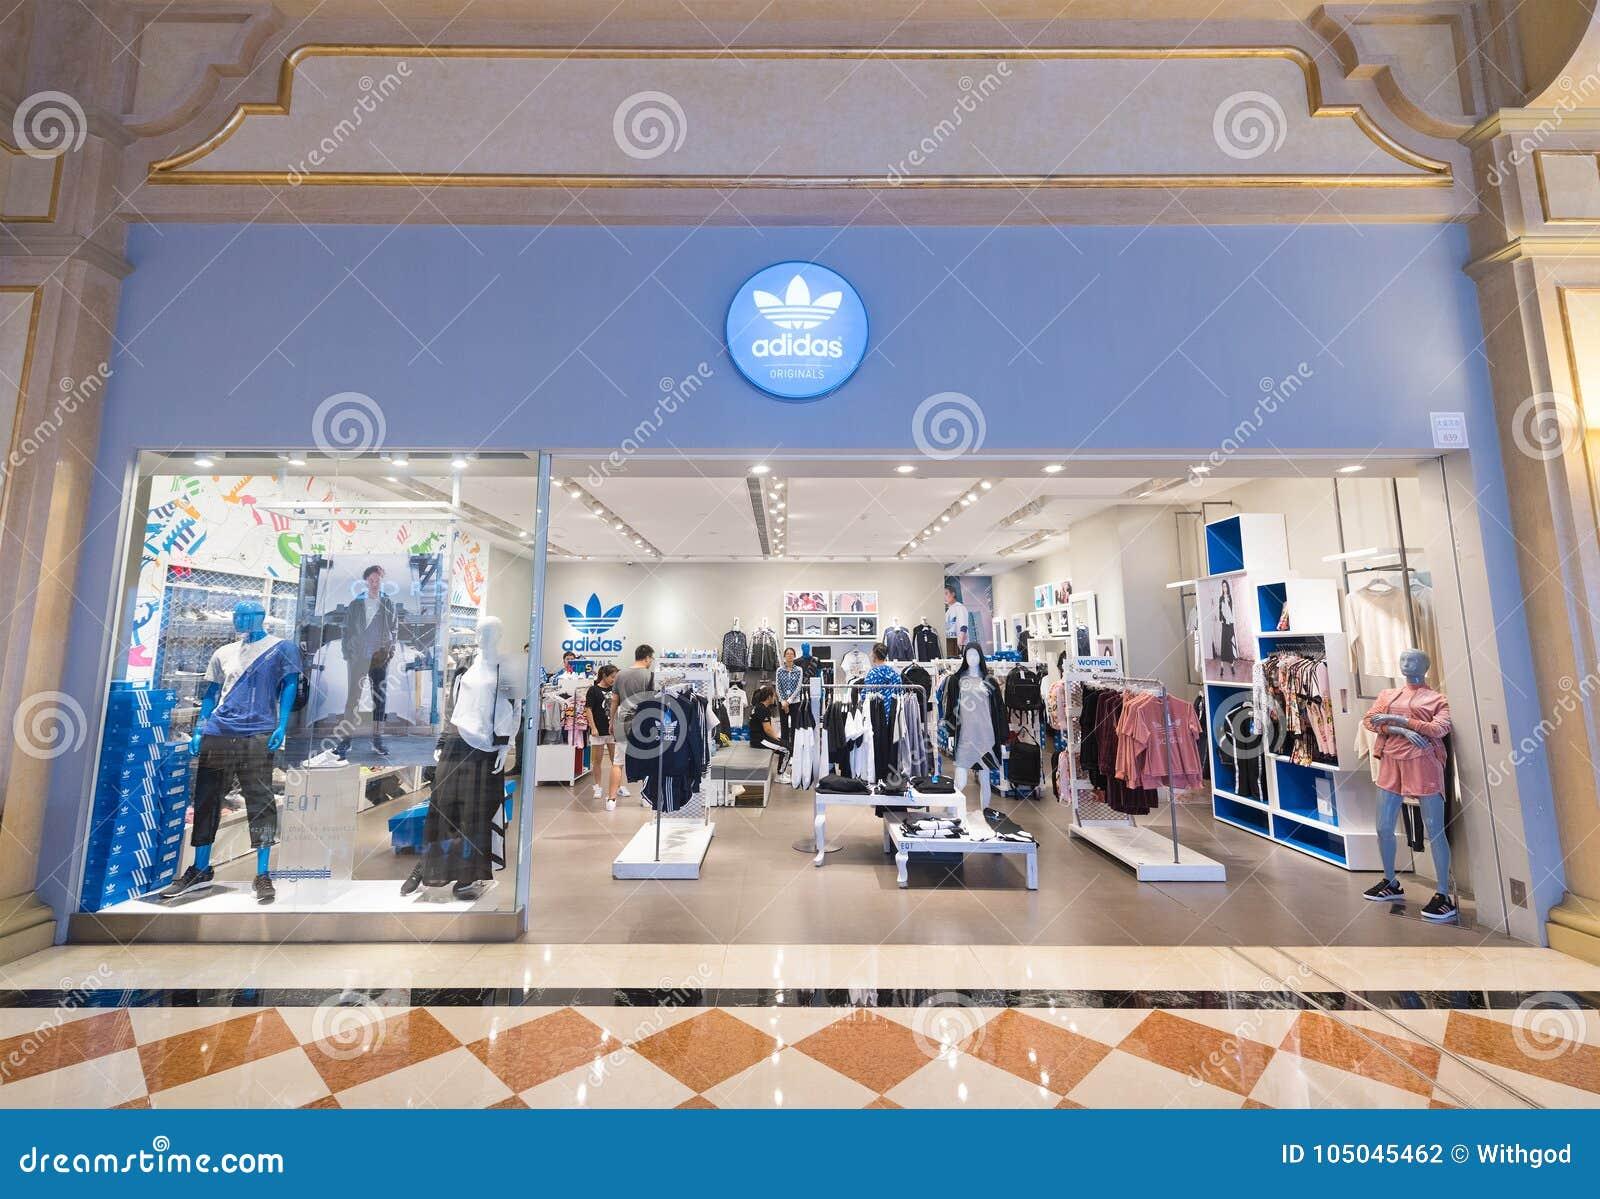 Casino Macao Resort Adidas al Negozio Hotel Macao di And Venetian SzVpqMU